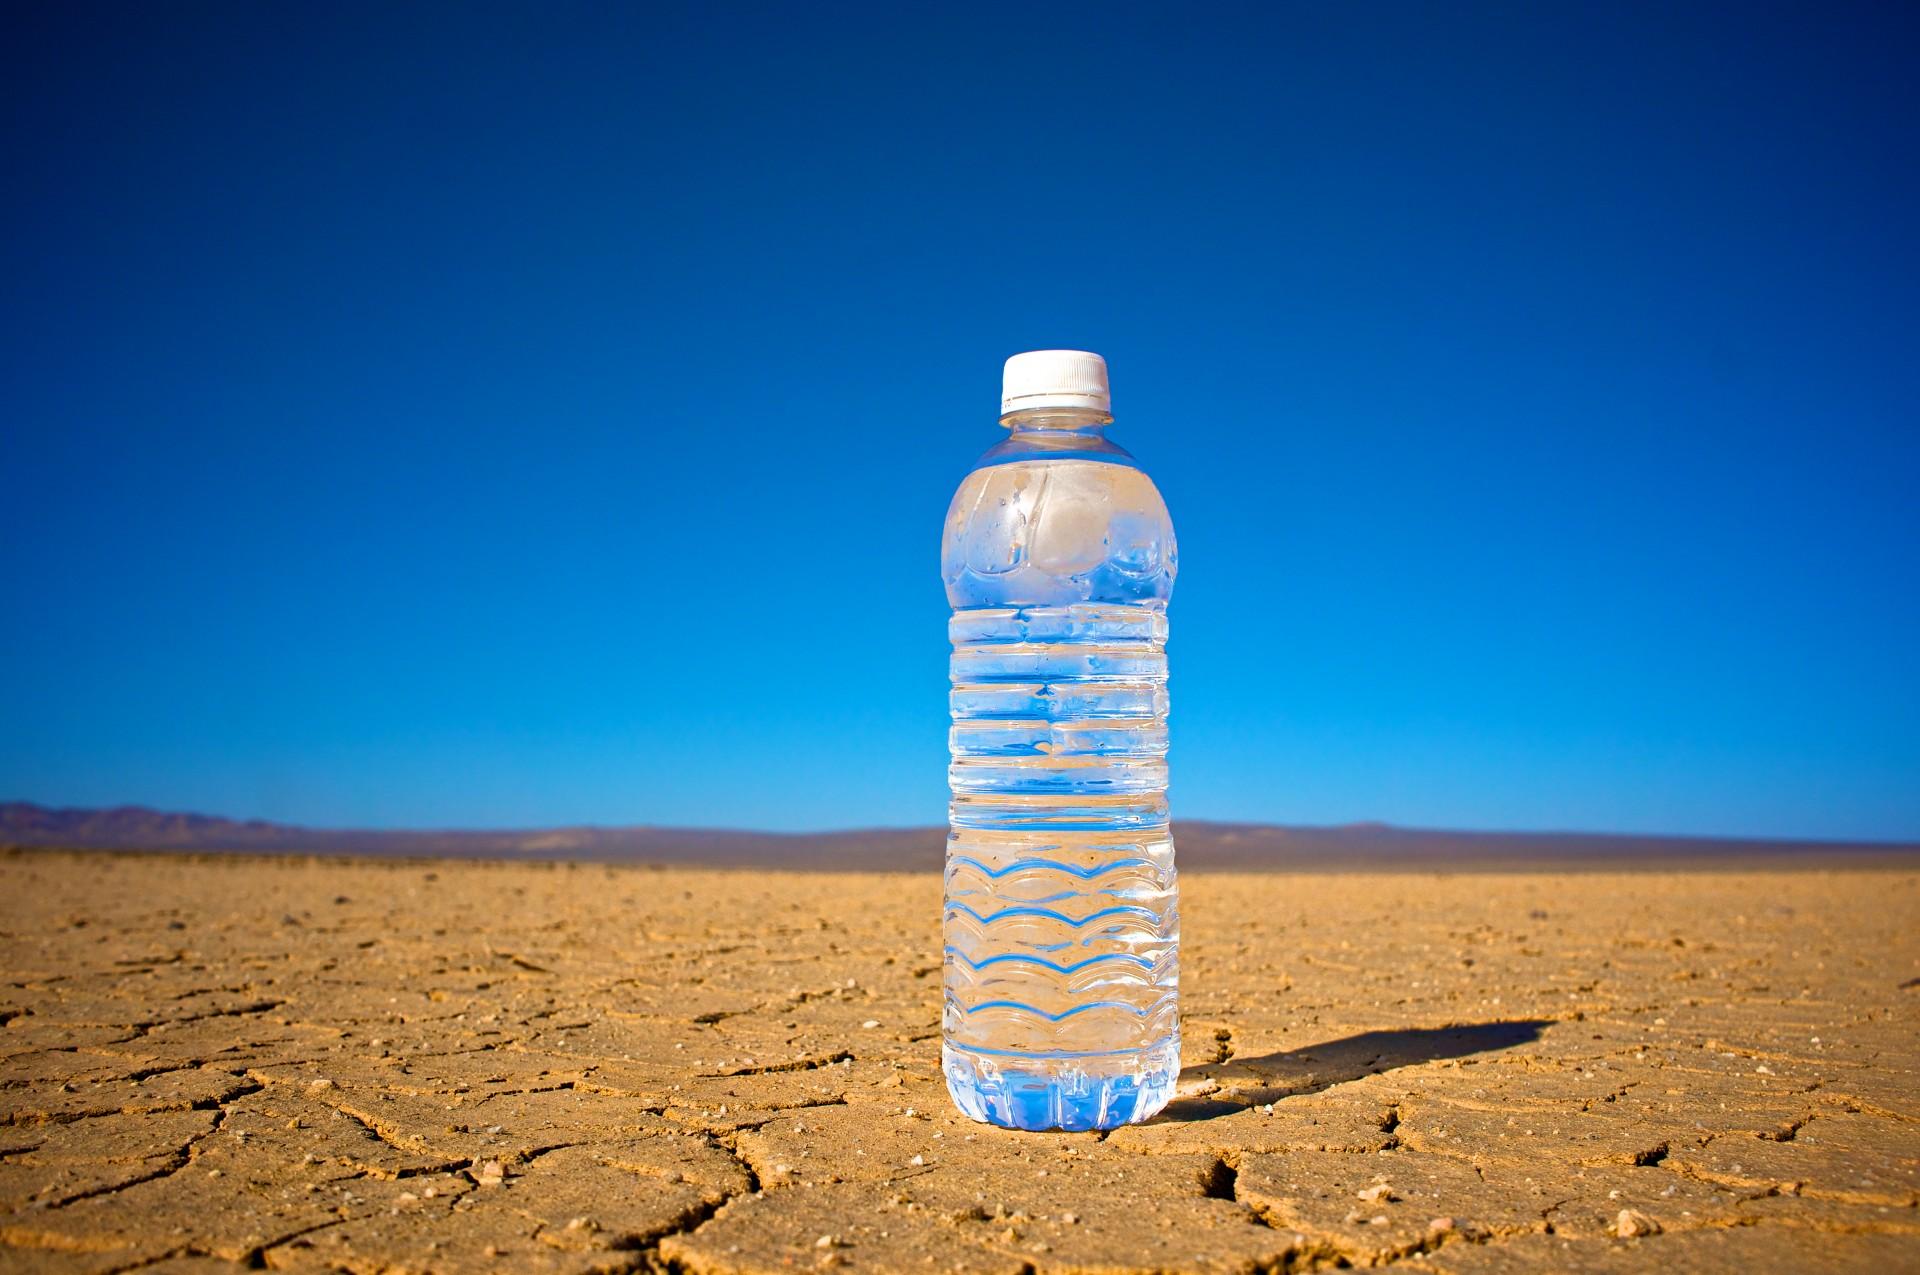 Què en sabem de l'ampolla de plàstic?